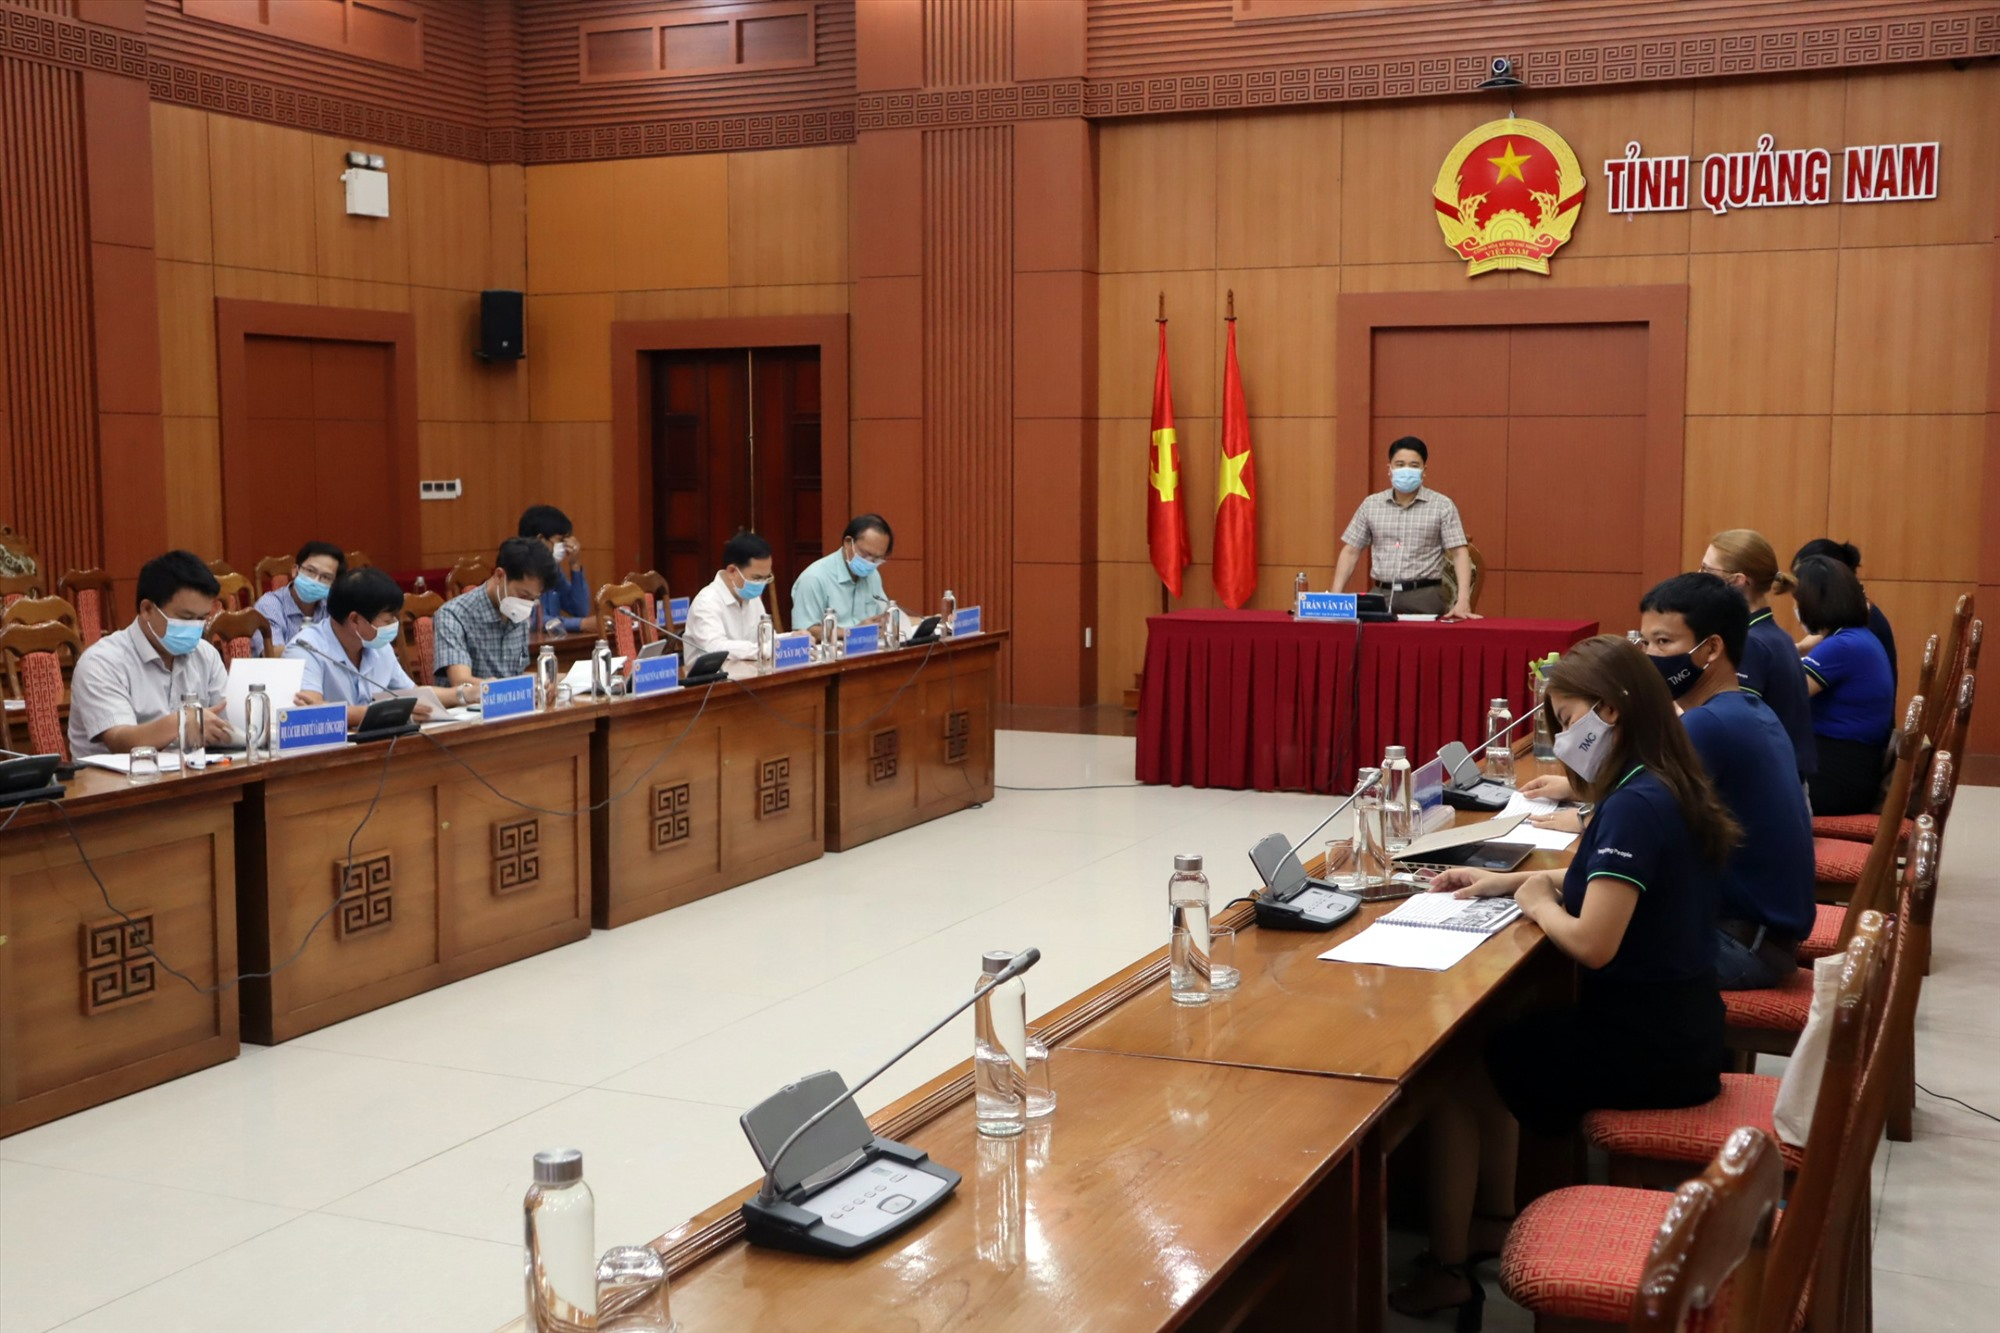 Phó Chủ tịch UBND tỉnh Trần Văn Tân chủ trì buổi làm việc trực tuyến. Ảnh: Q.T